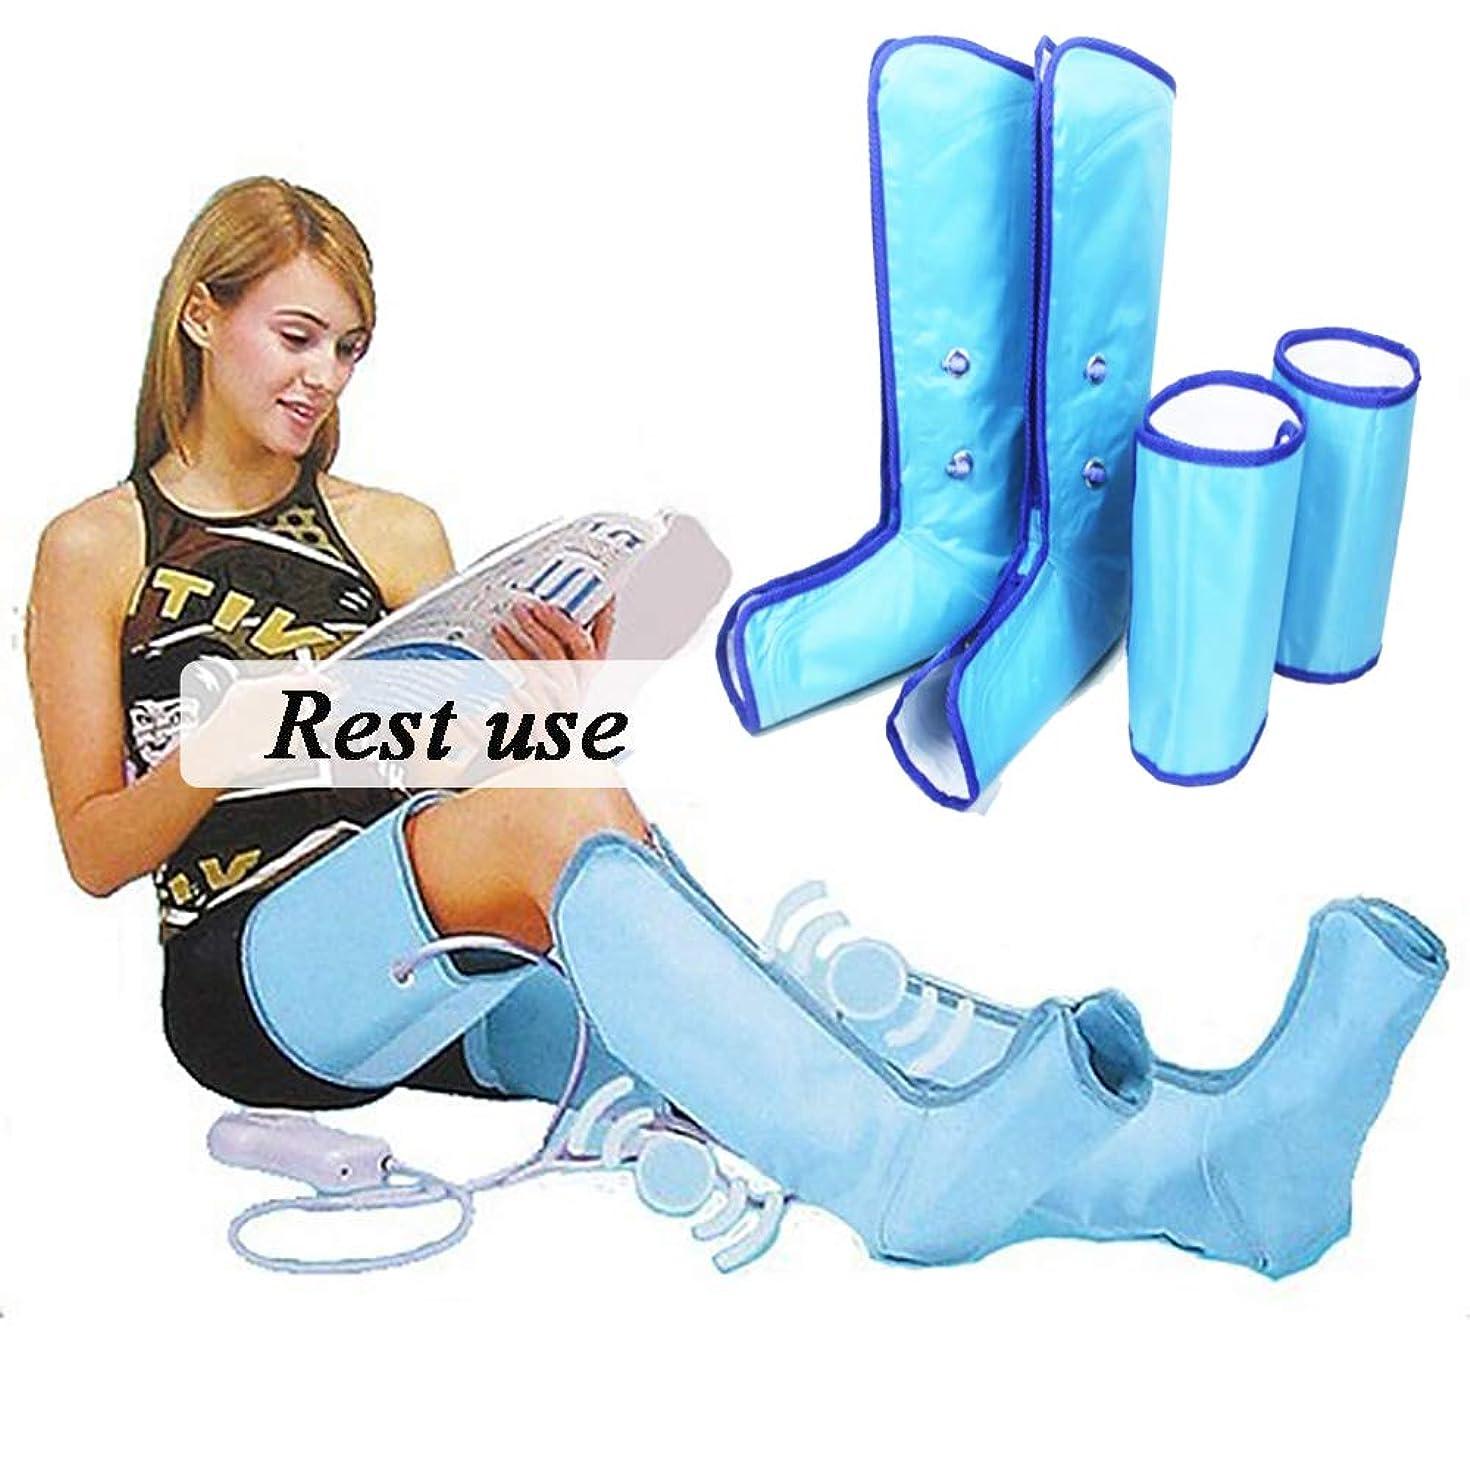 ギャザー放射する昨日足のマッサージトマッサージャー循環と筋肉のリラクゼーションに役立つ足とふくらはぎの空気圧縮マッサージを備えたレッグマッサージャー